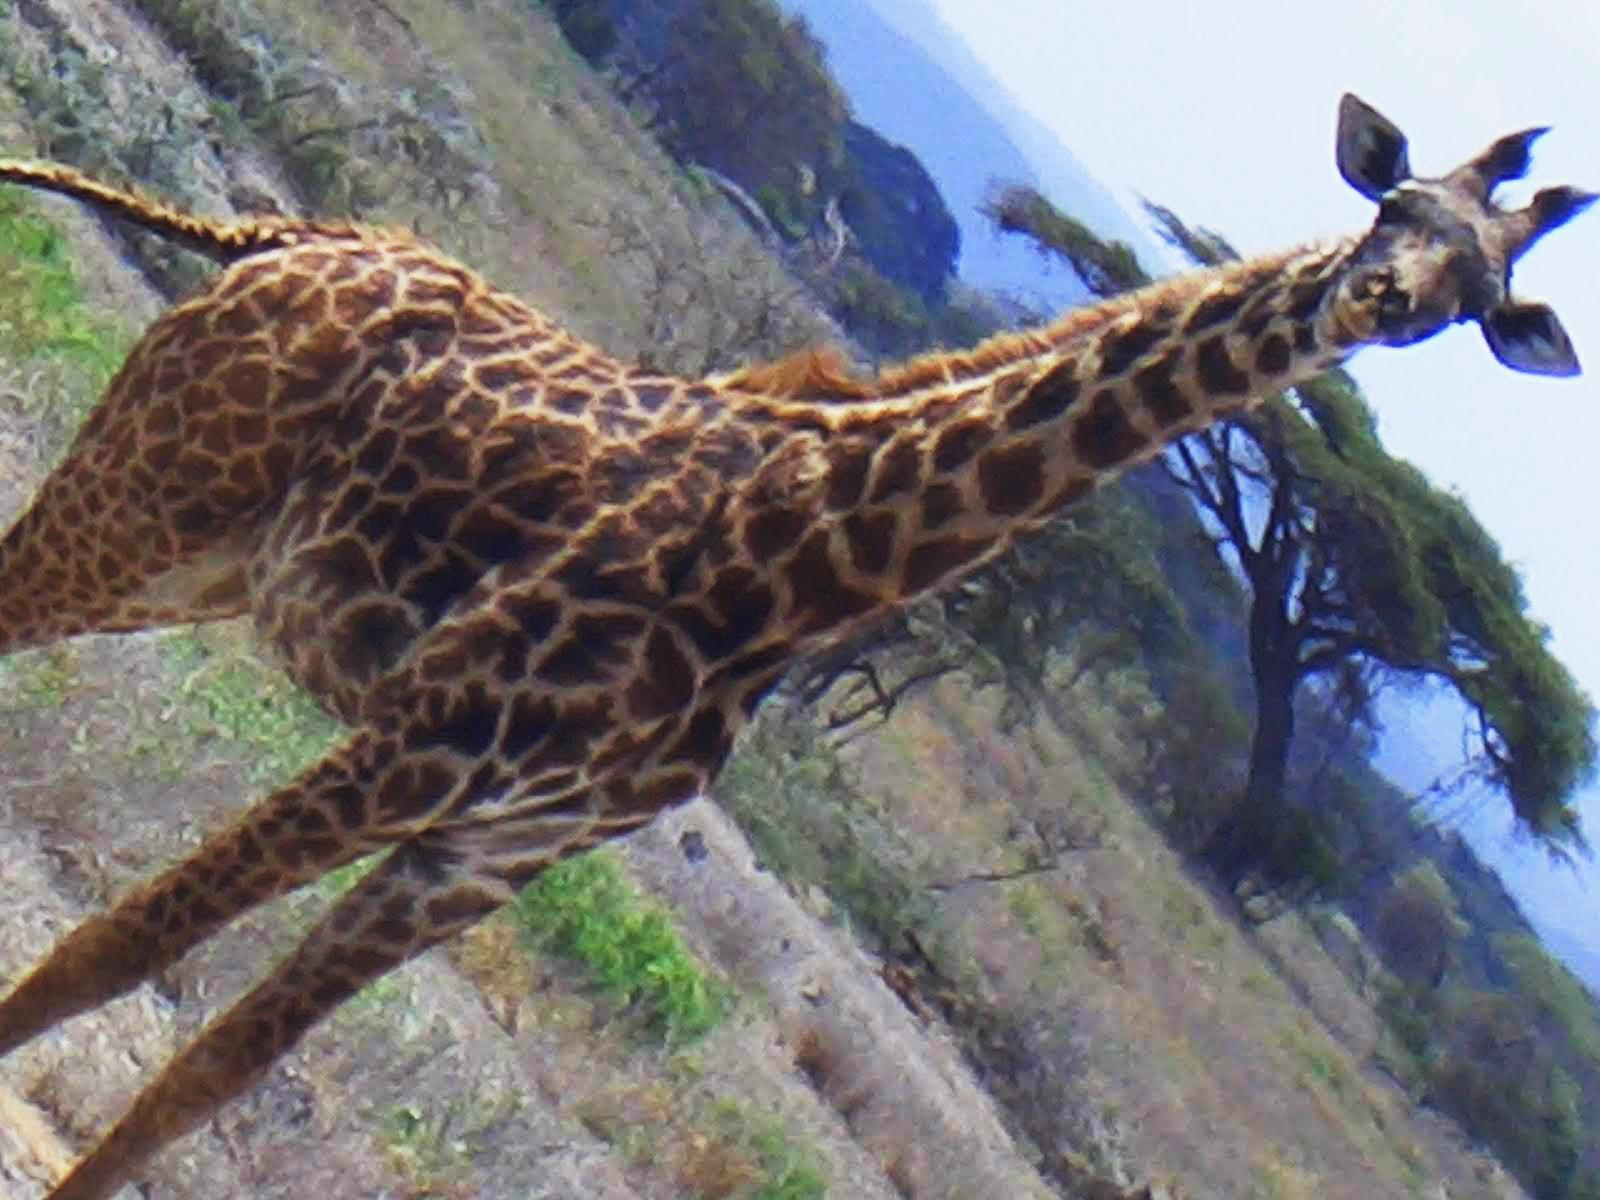 Жирафа не помещалась в кадр.